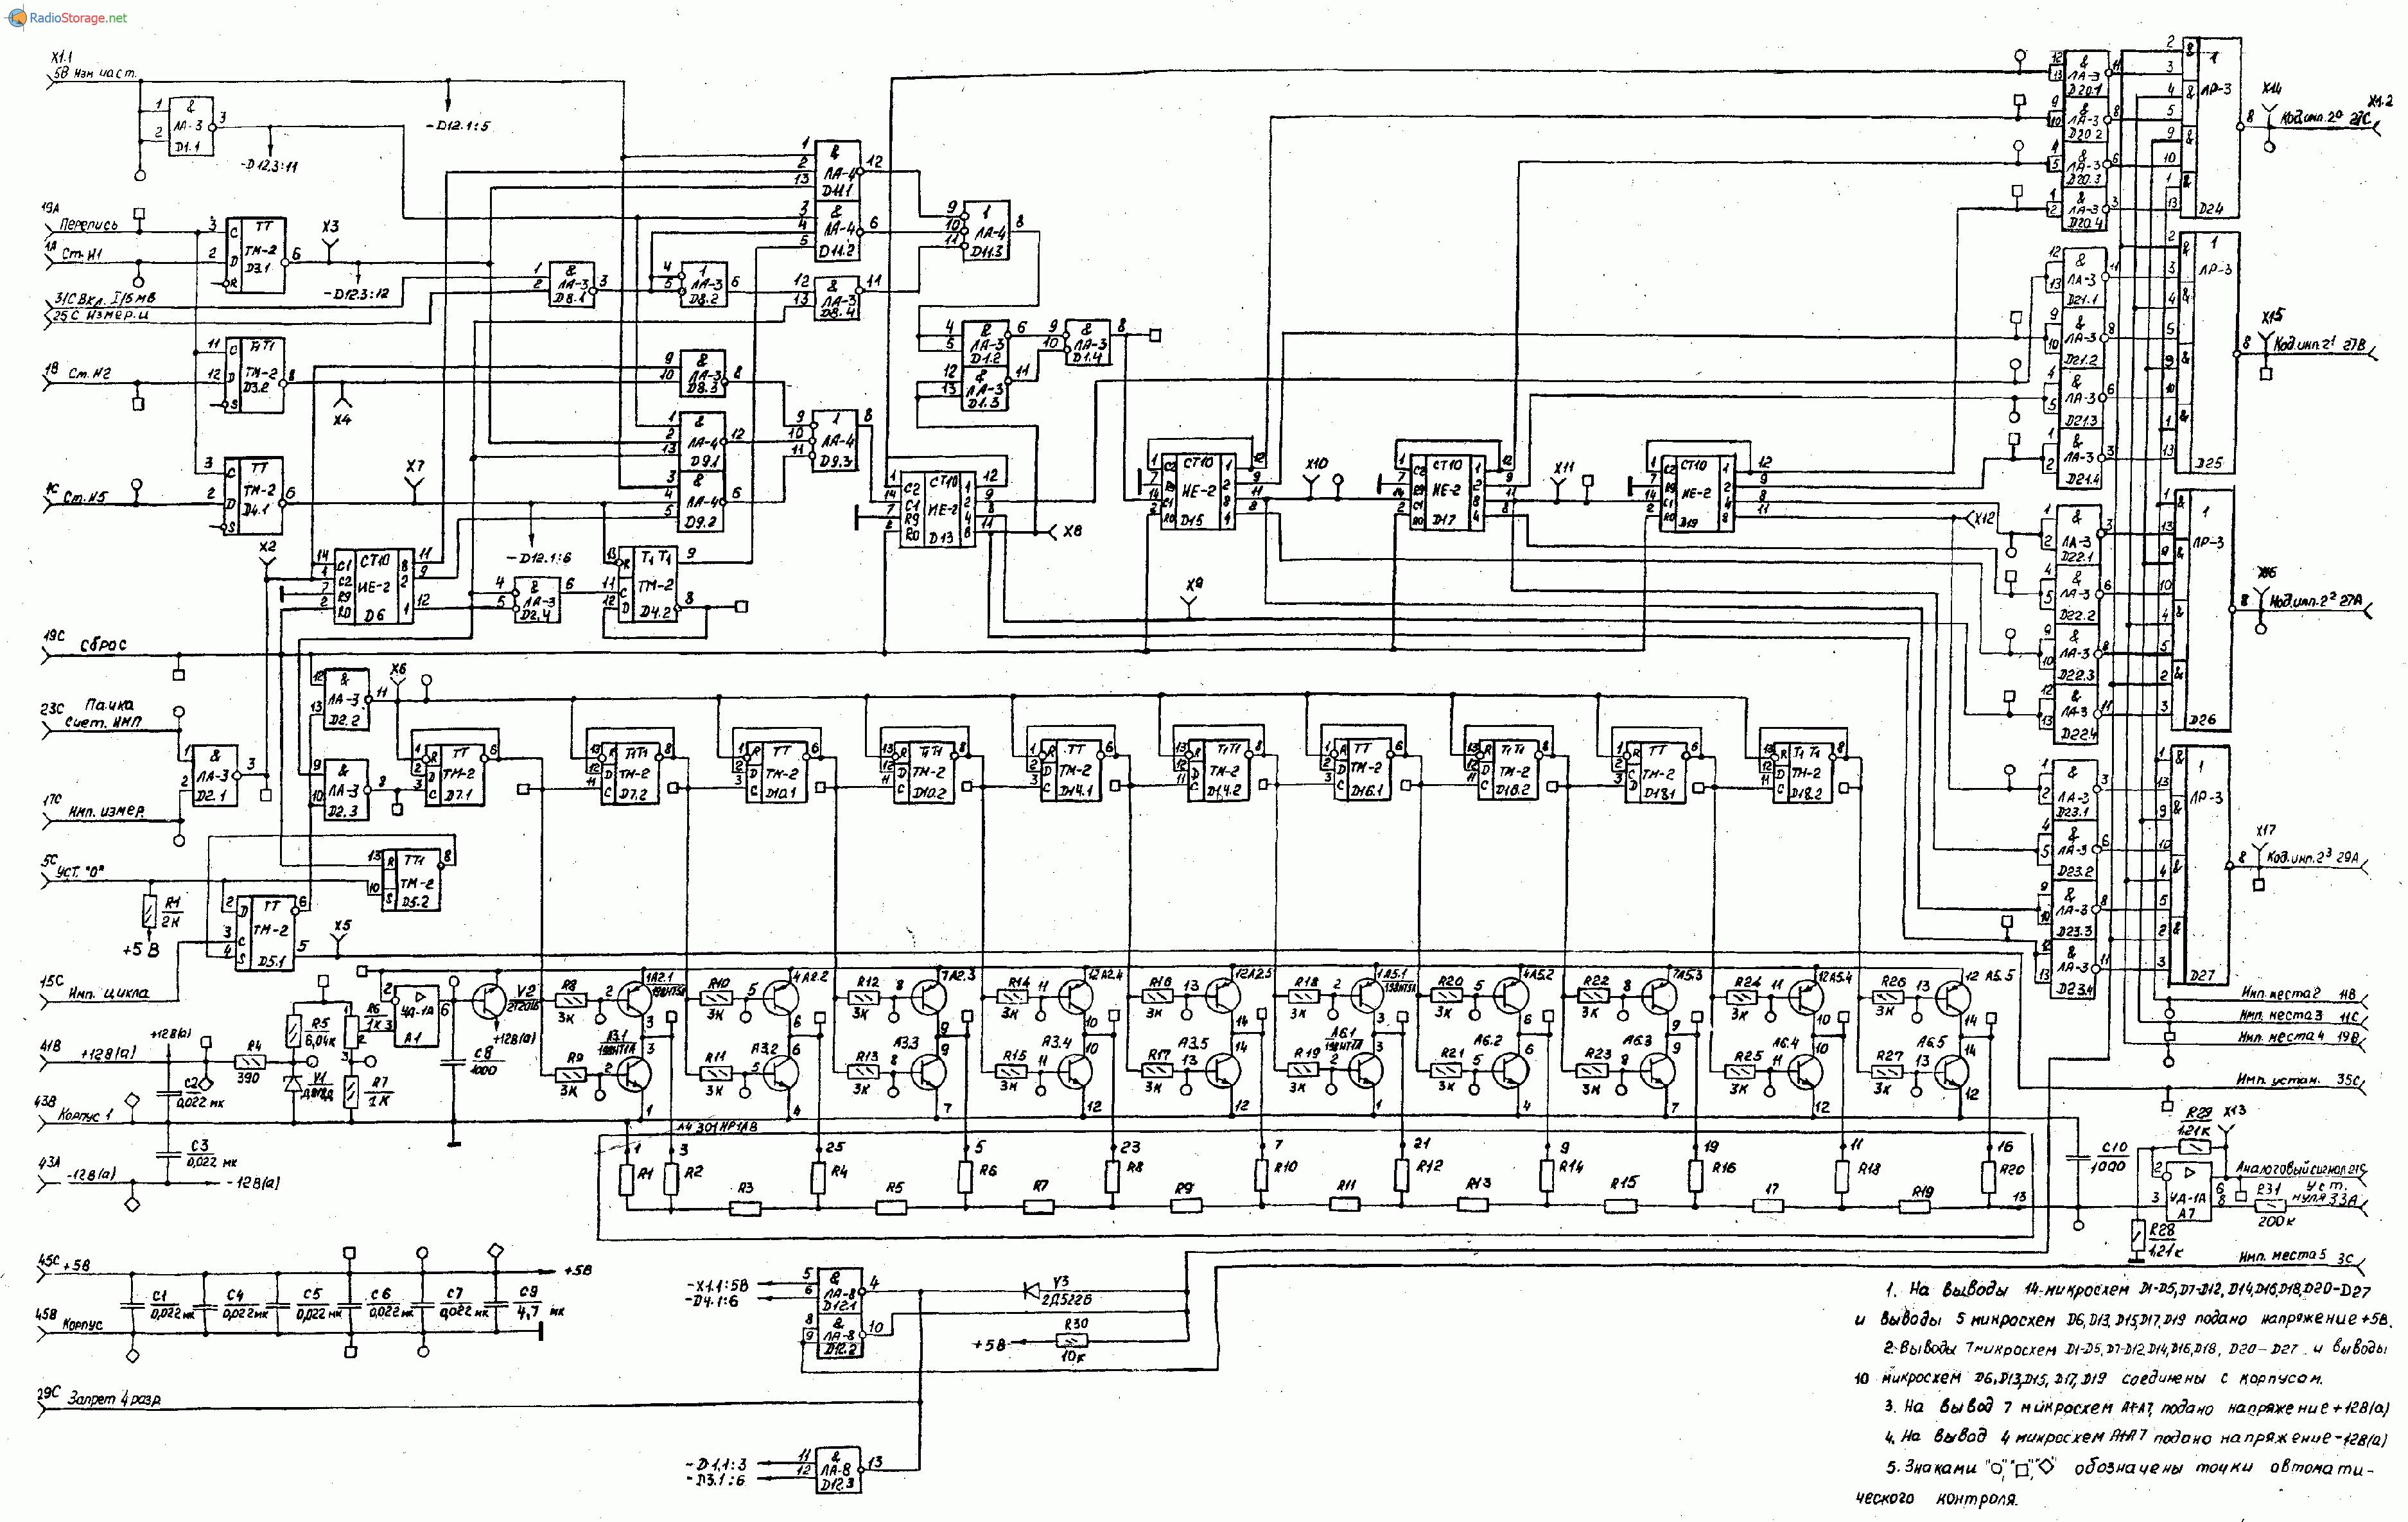 Импульсный блок питания схема и конструкция своими руками